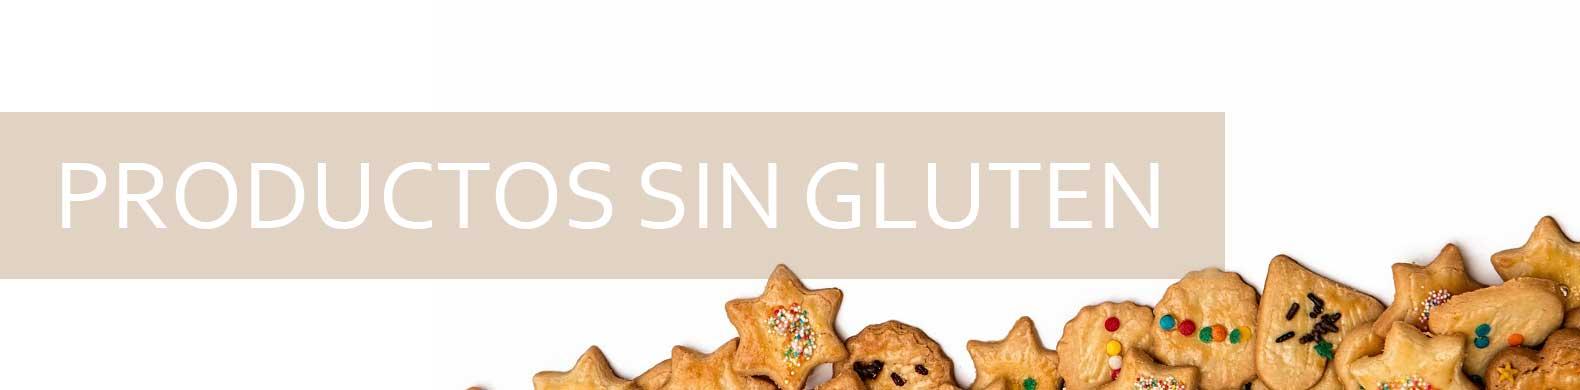 banner productos sin gluten se ven patas con formas de corazón y estrella.